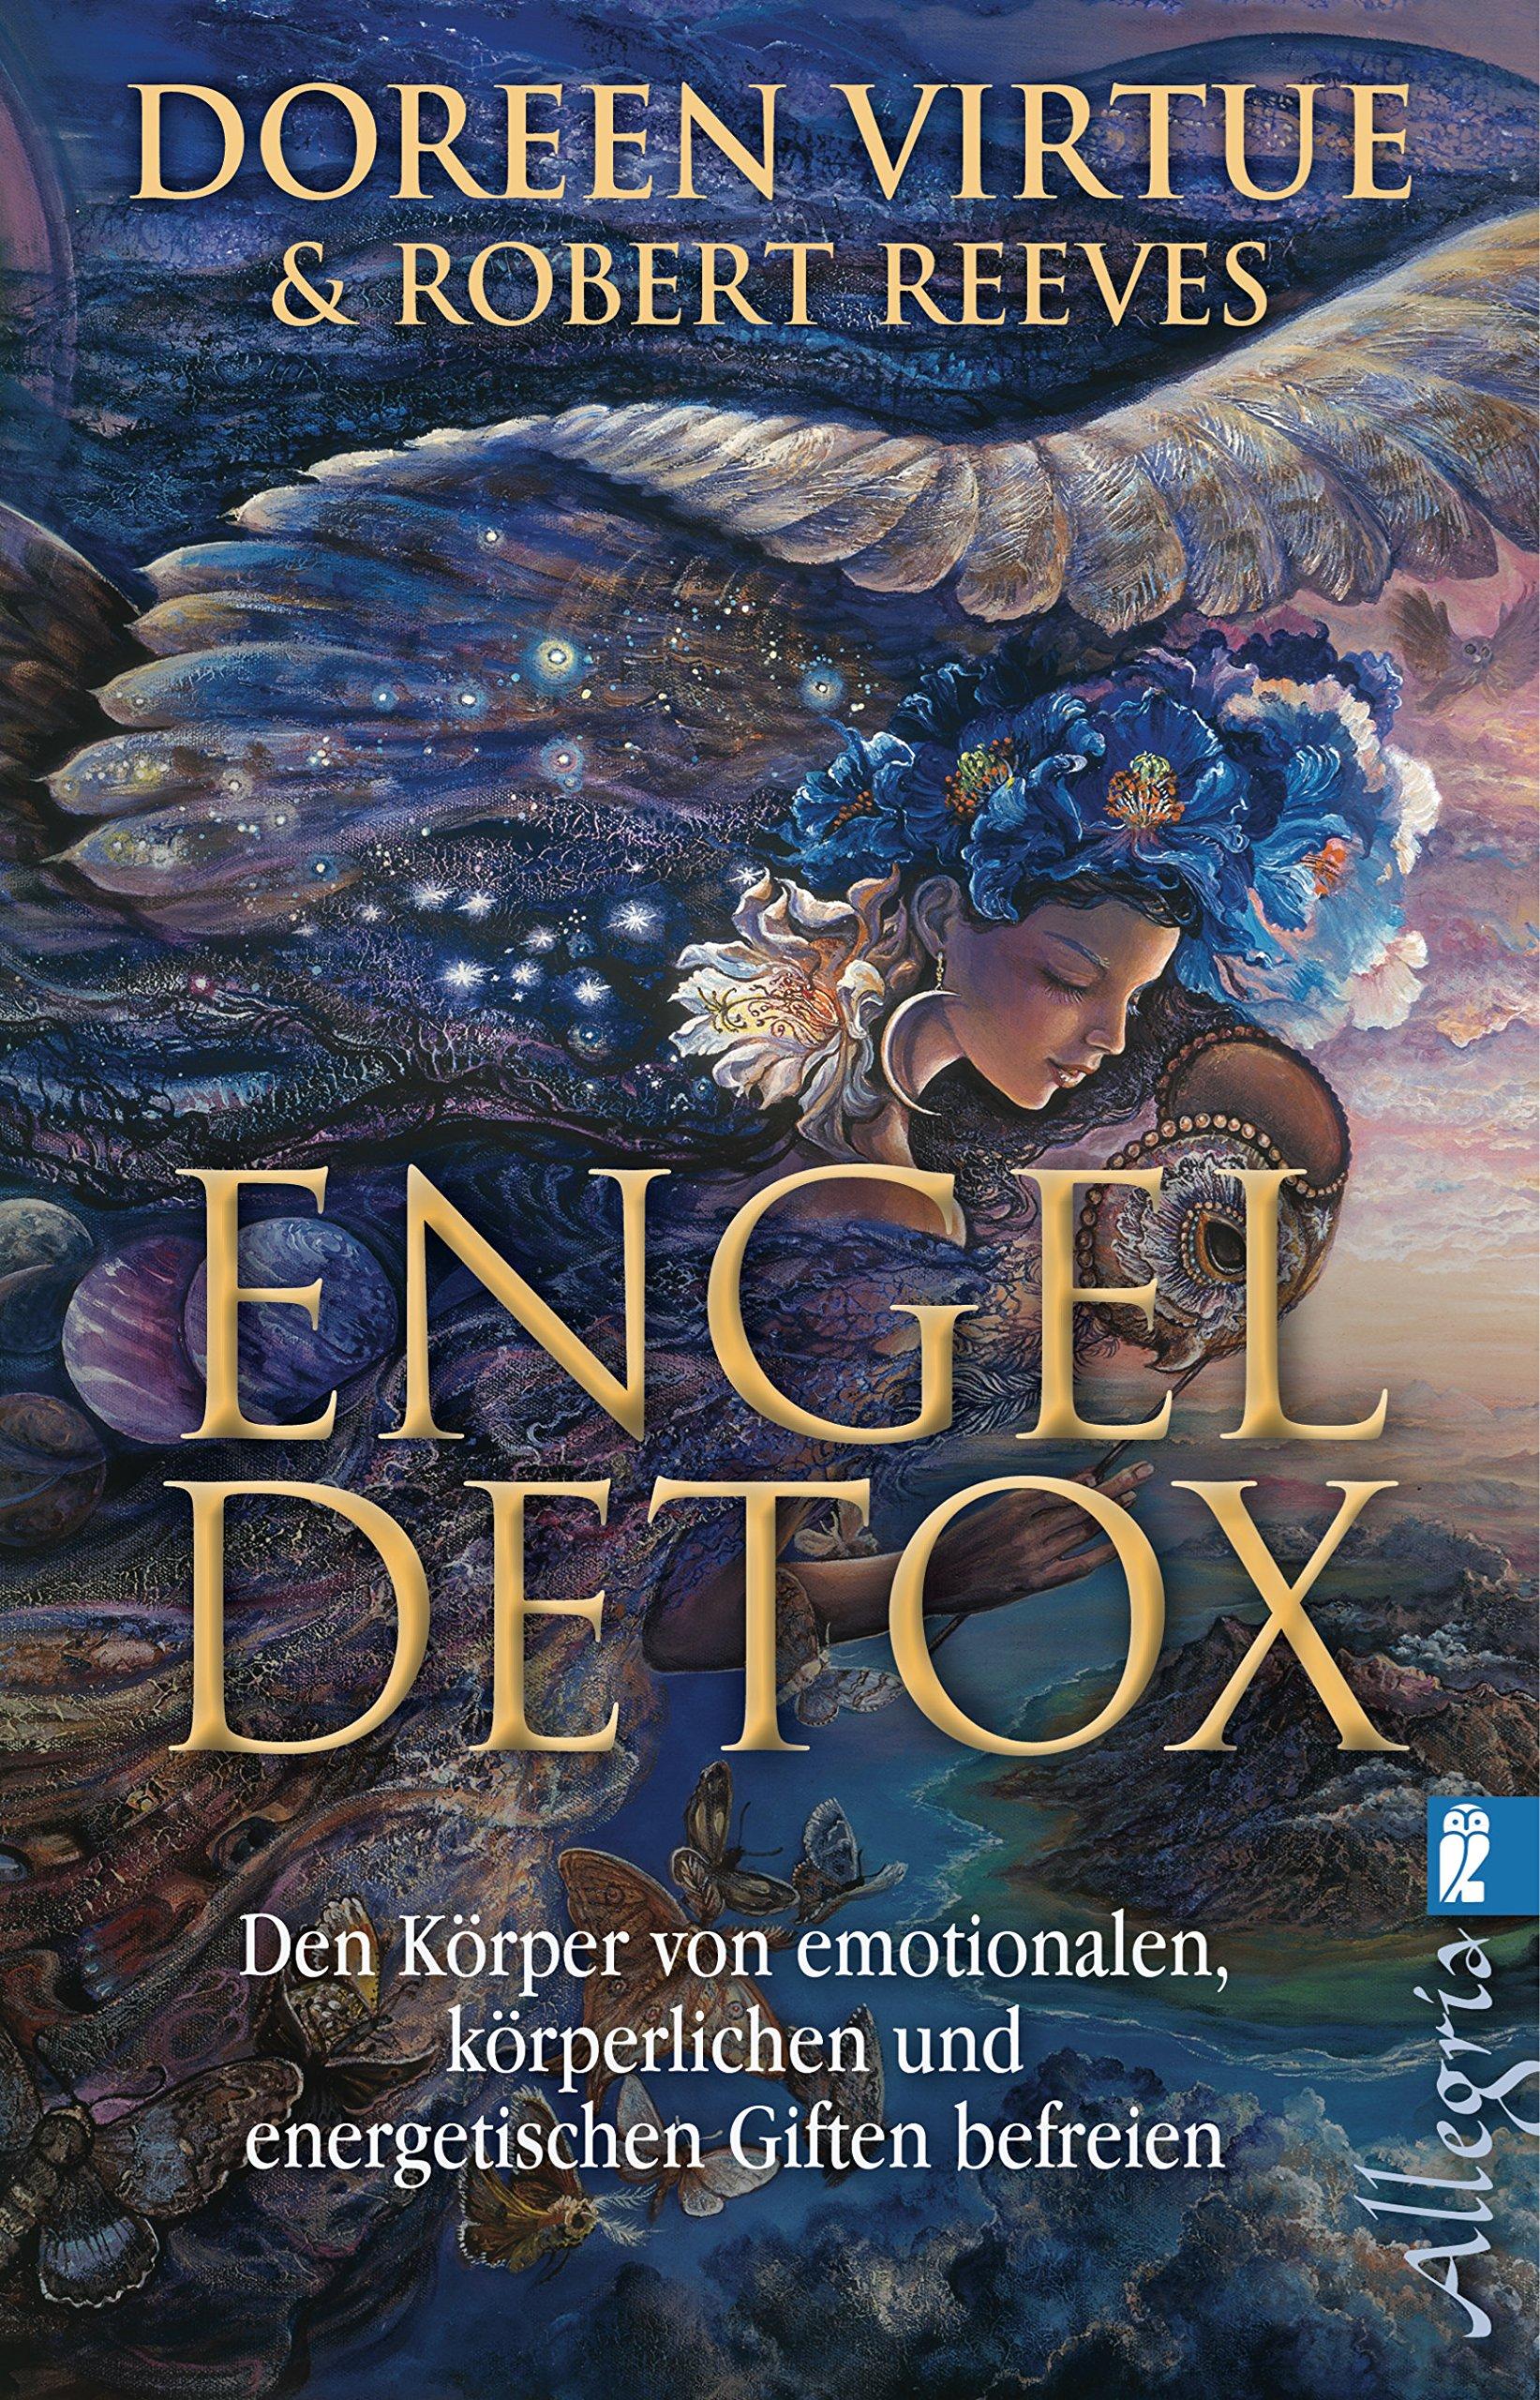 engel-detox-den-krper-von-emotionalen-krperlichen-und-energetischen-giften-befreien